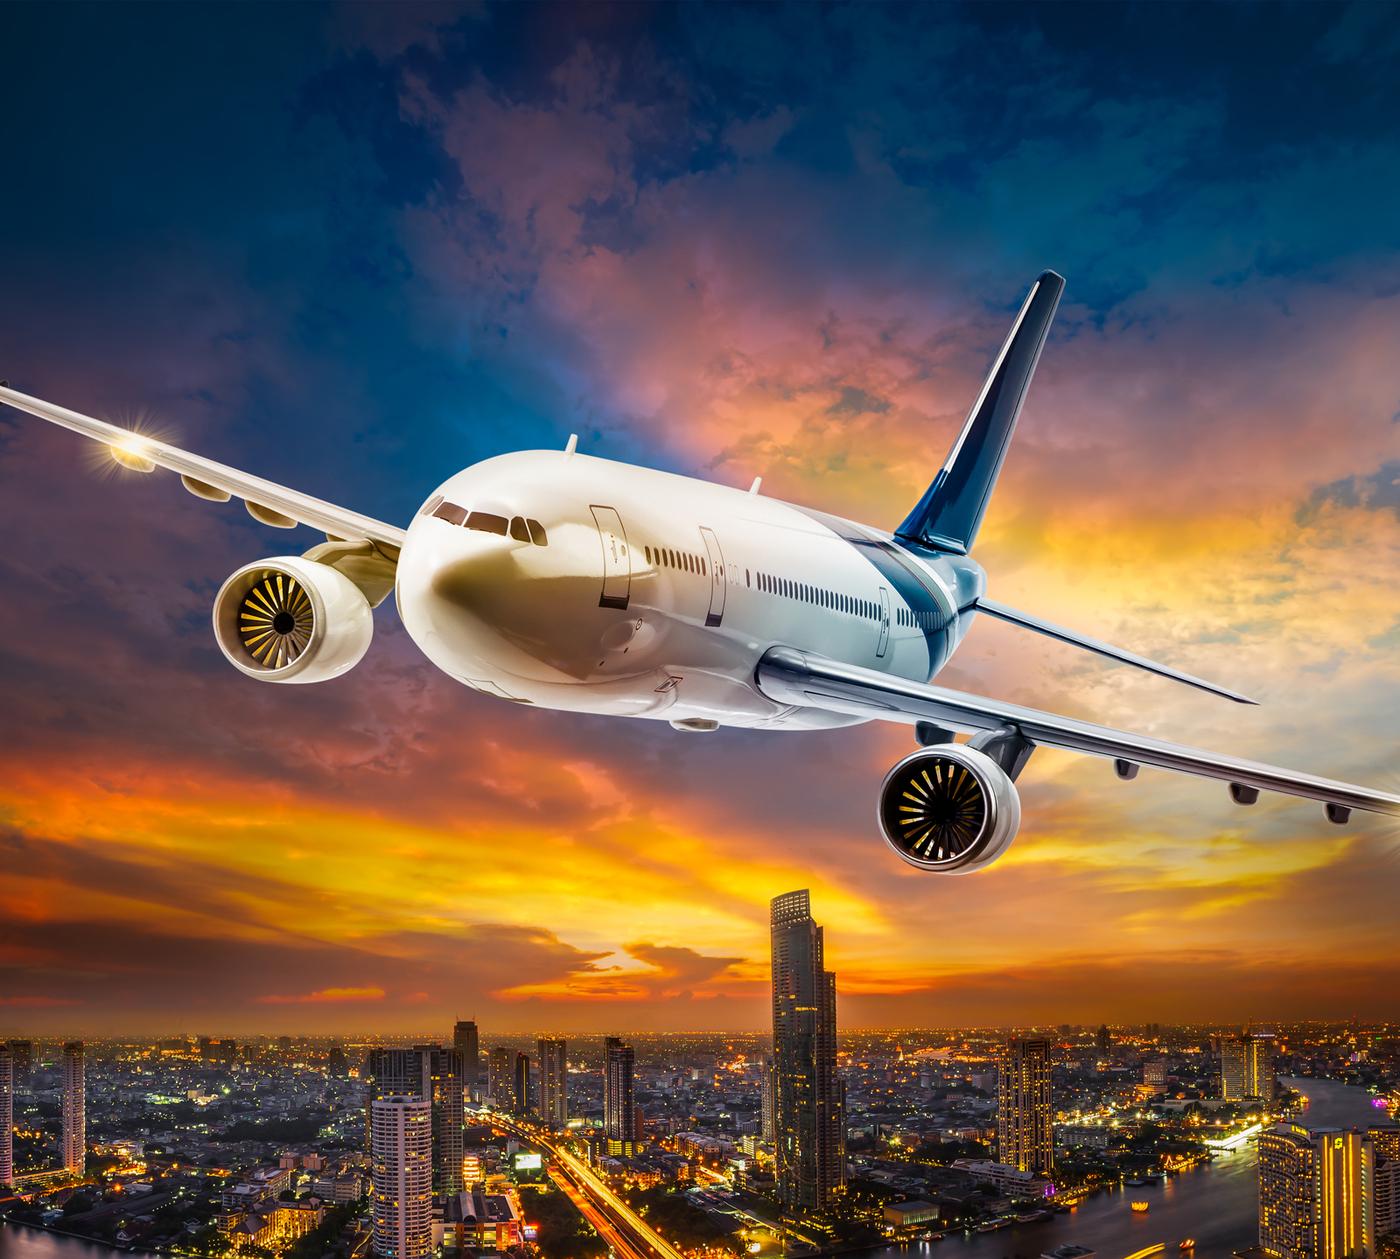 обои на рабочий стол пассажирские самолеты подробно озвучивается семинарах